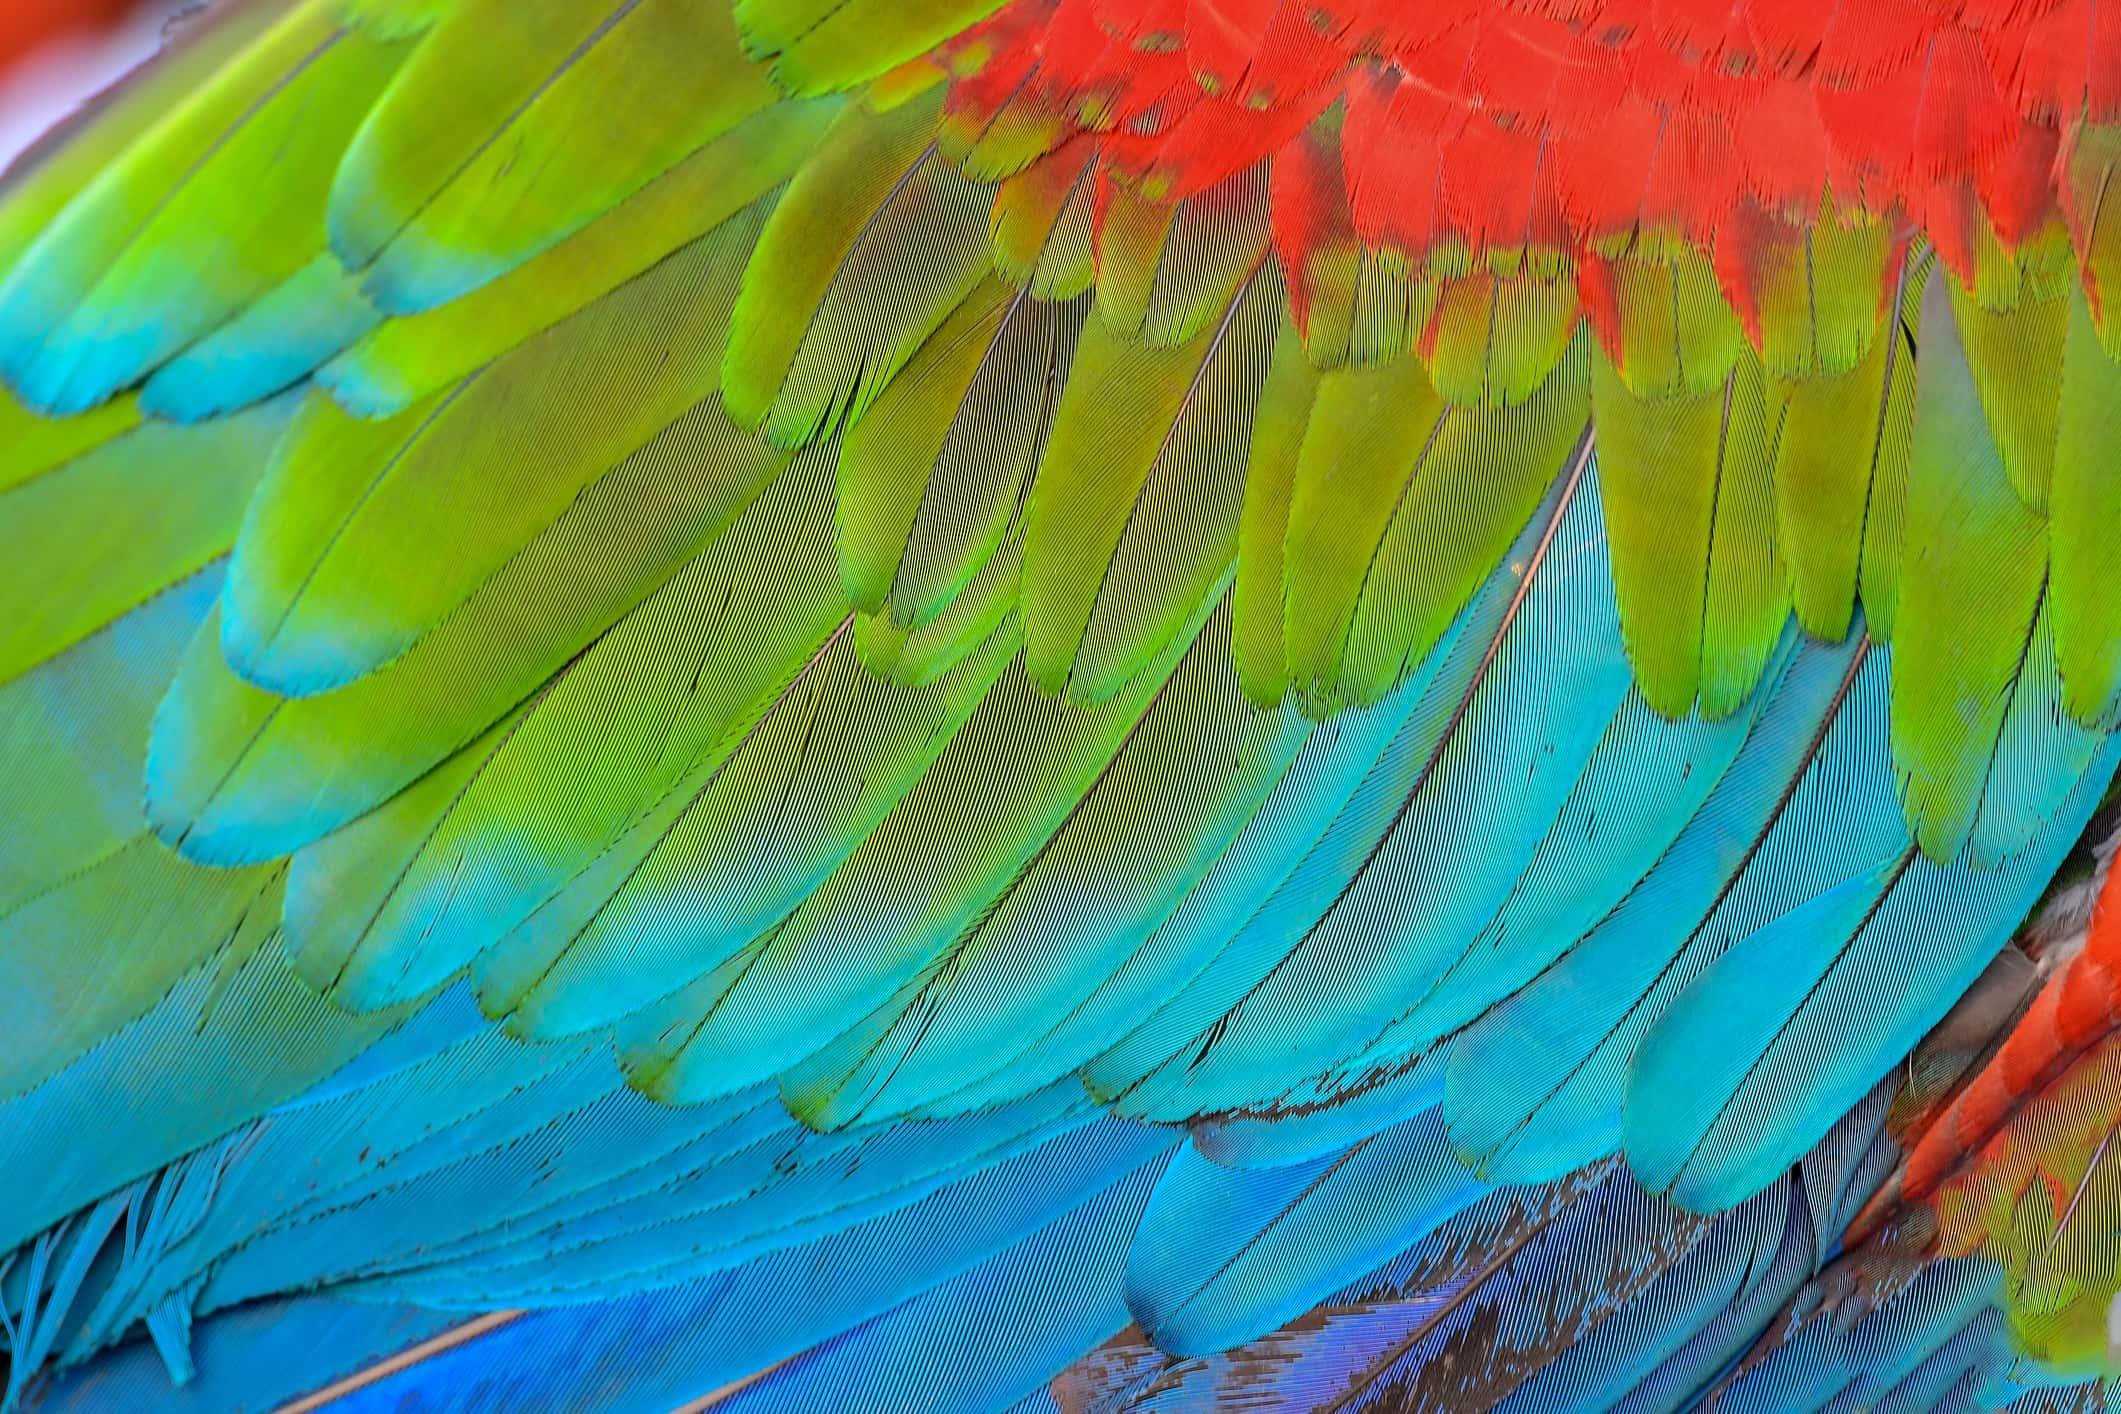 trắc nghiệm chiếc lông vũ của con vẹt